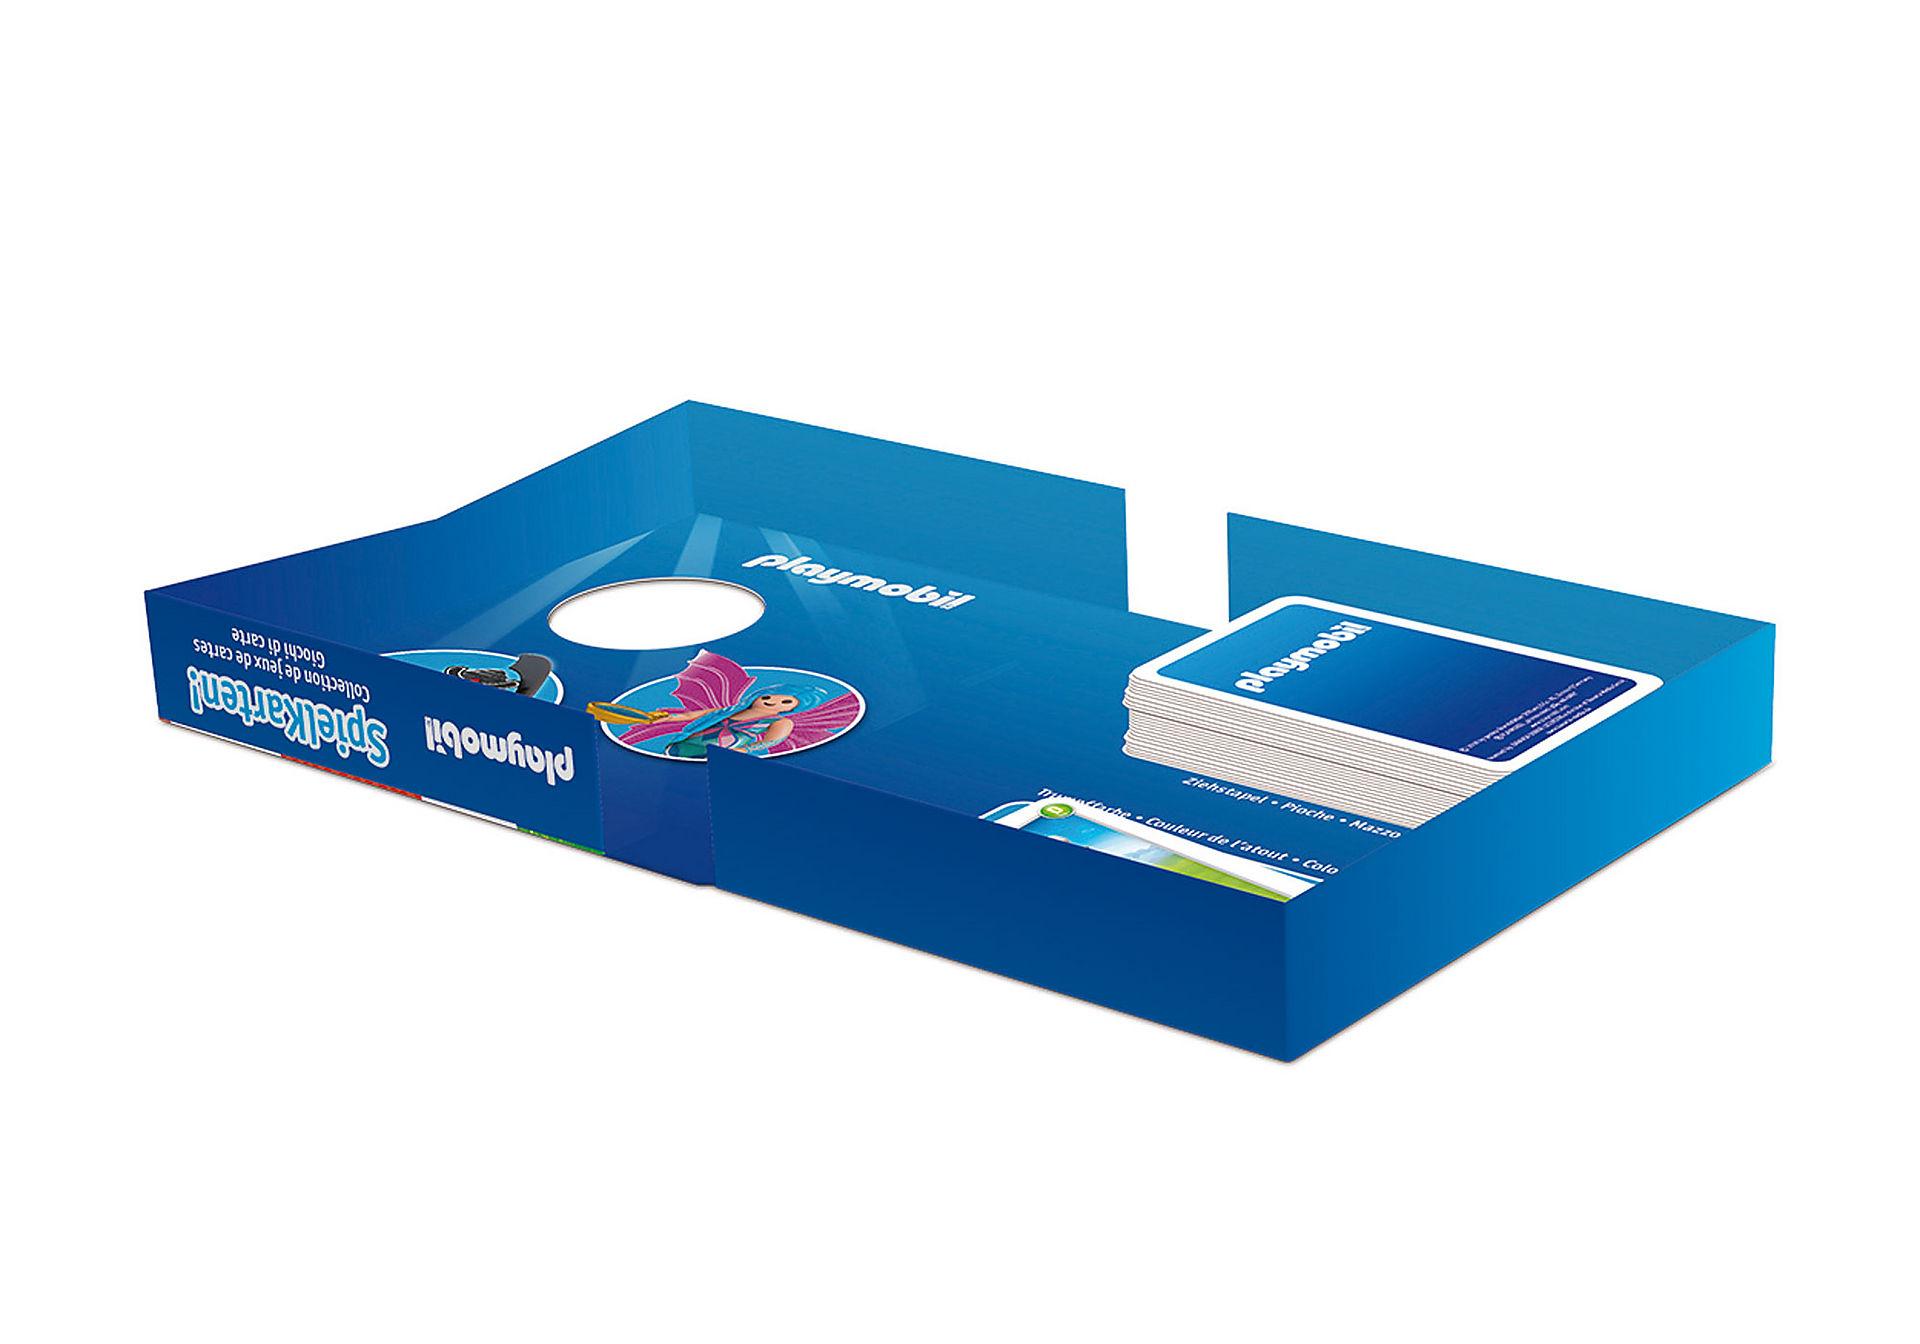 80096 SpielKarten! - Die Kartenspielesammlung zoom image4